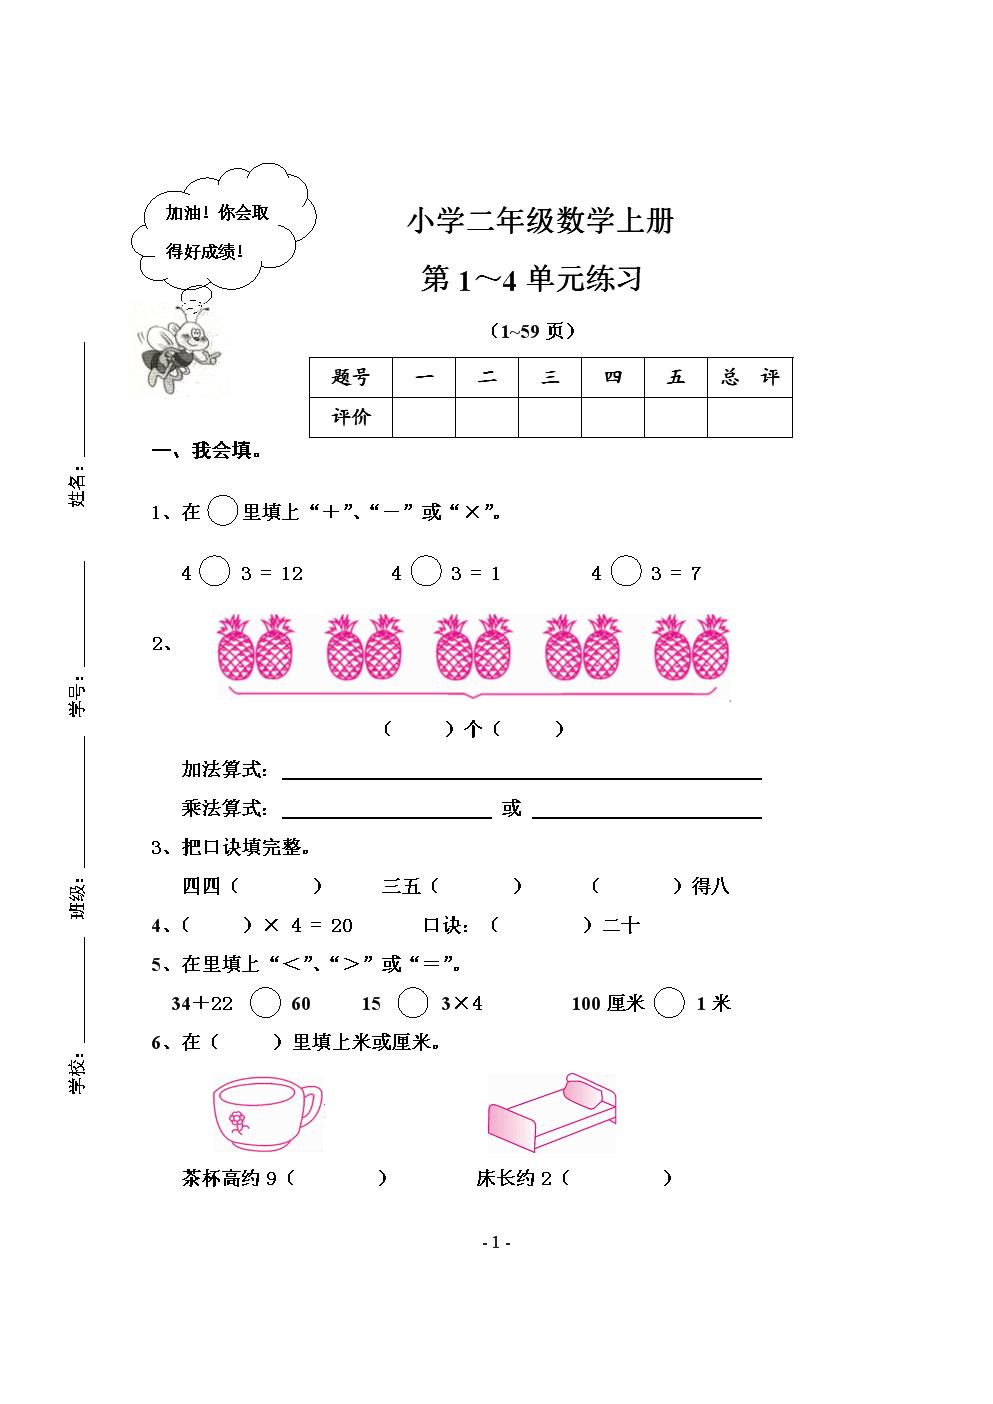 表情 二年级上册的卷 二年级语文上册 数学卷一年级上册 一年级上册语文卷 飞行网 表情